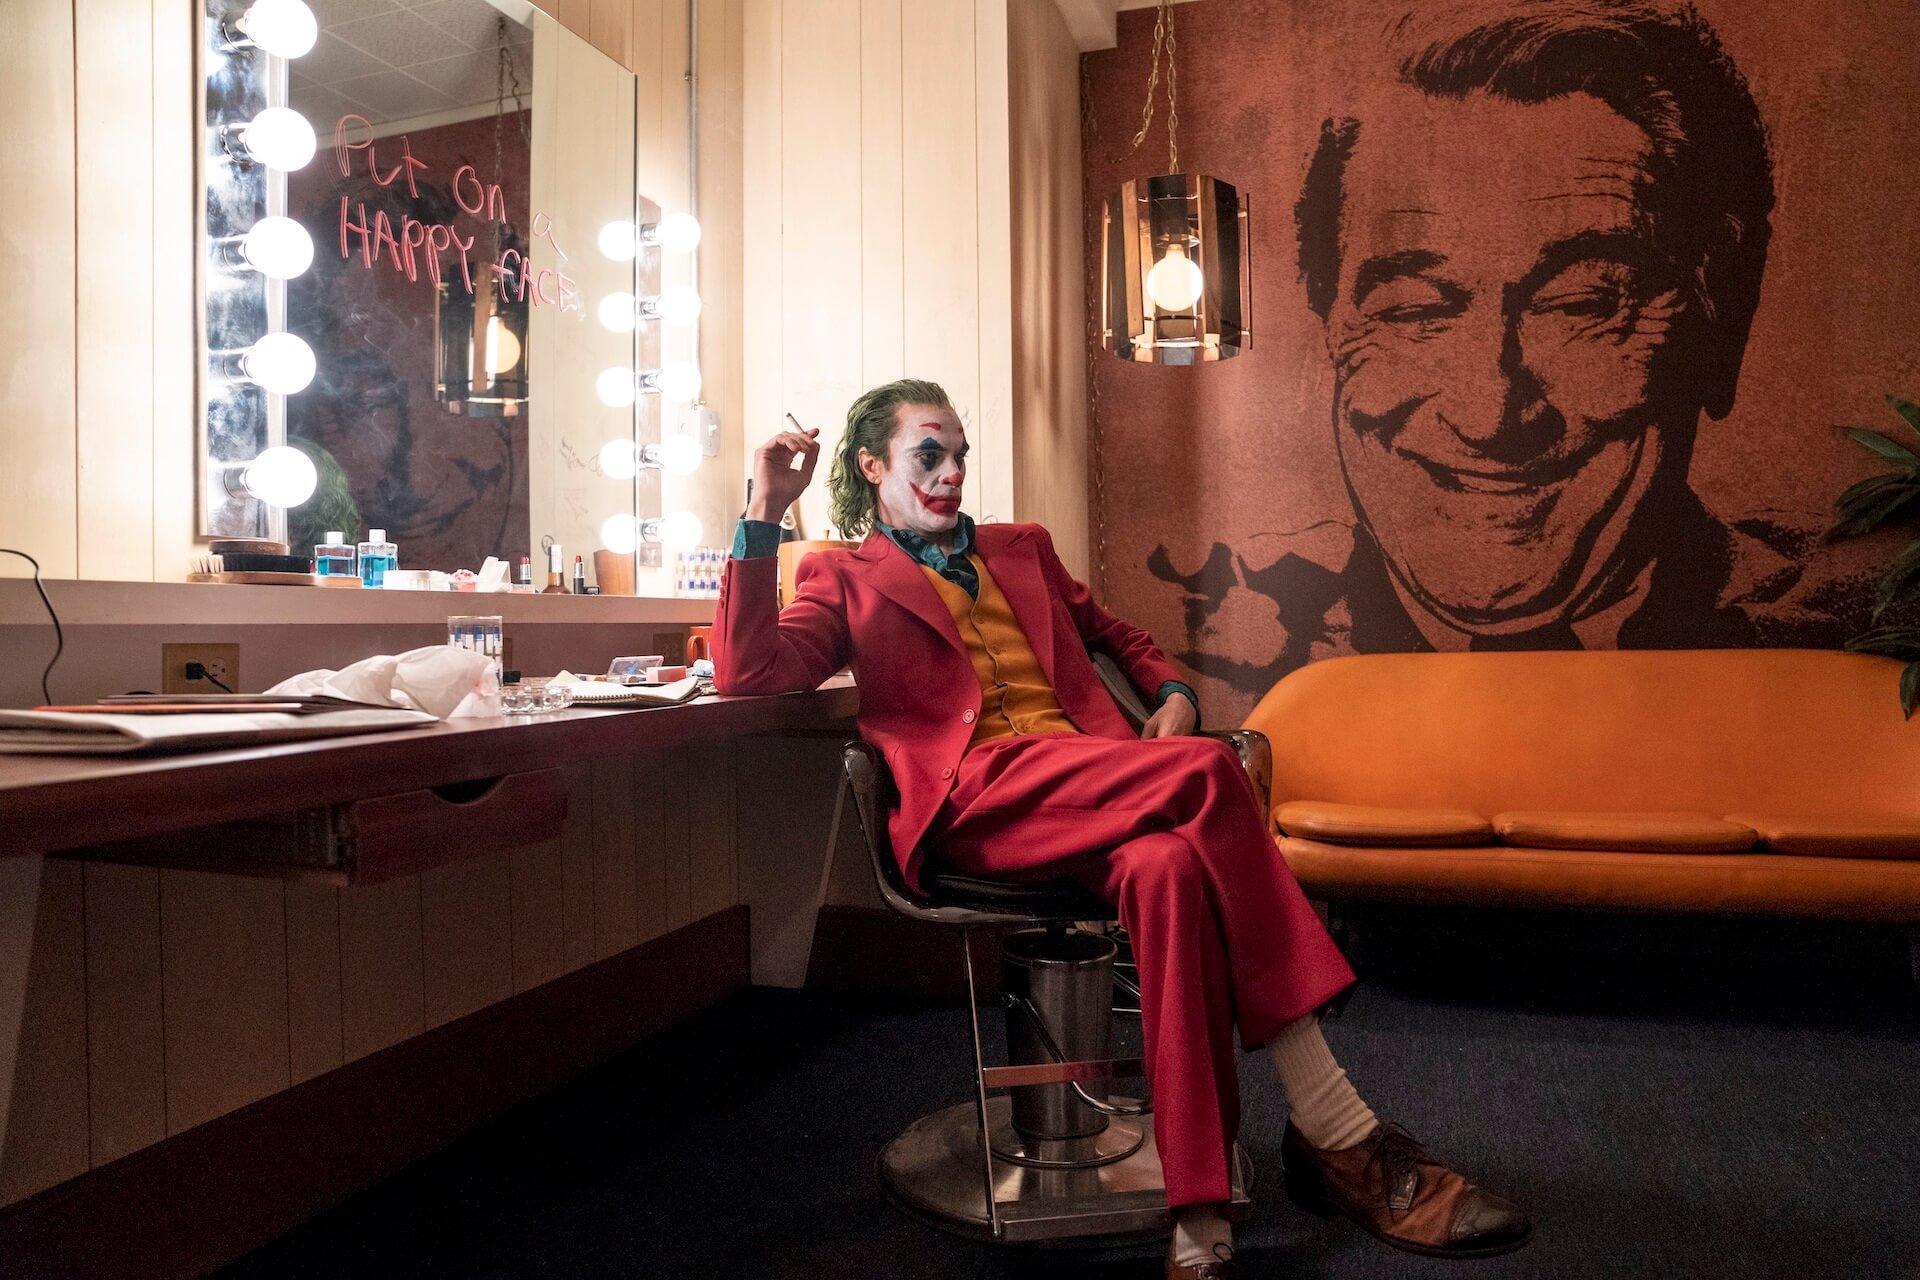 『ジョーカー』がアカデミー賞に驚異の11部門ノミネート!IMAX®︎、ドルビーシネマでの再上映が決定 film200114_joker_1